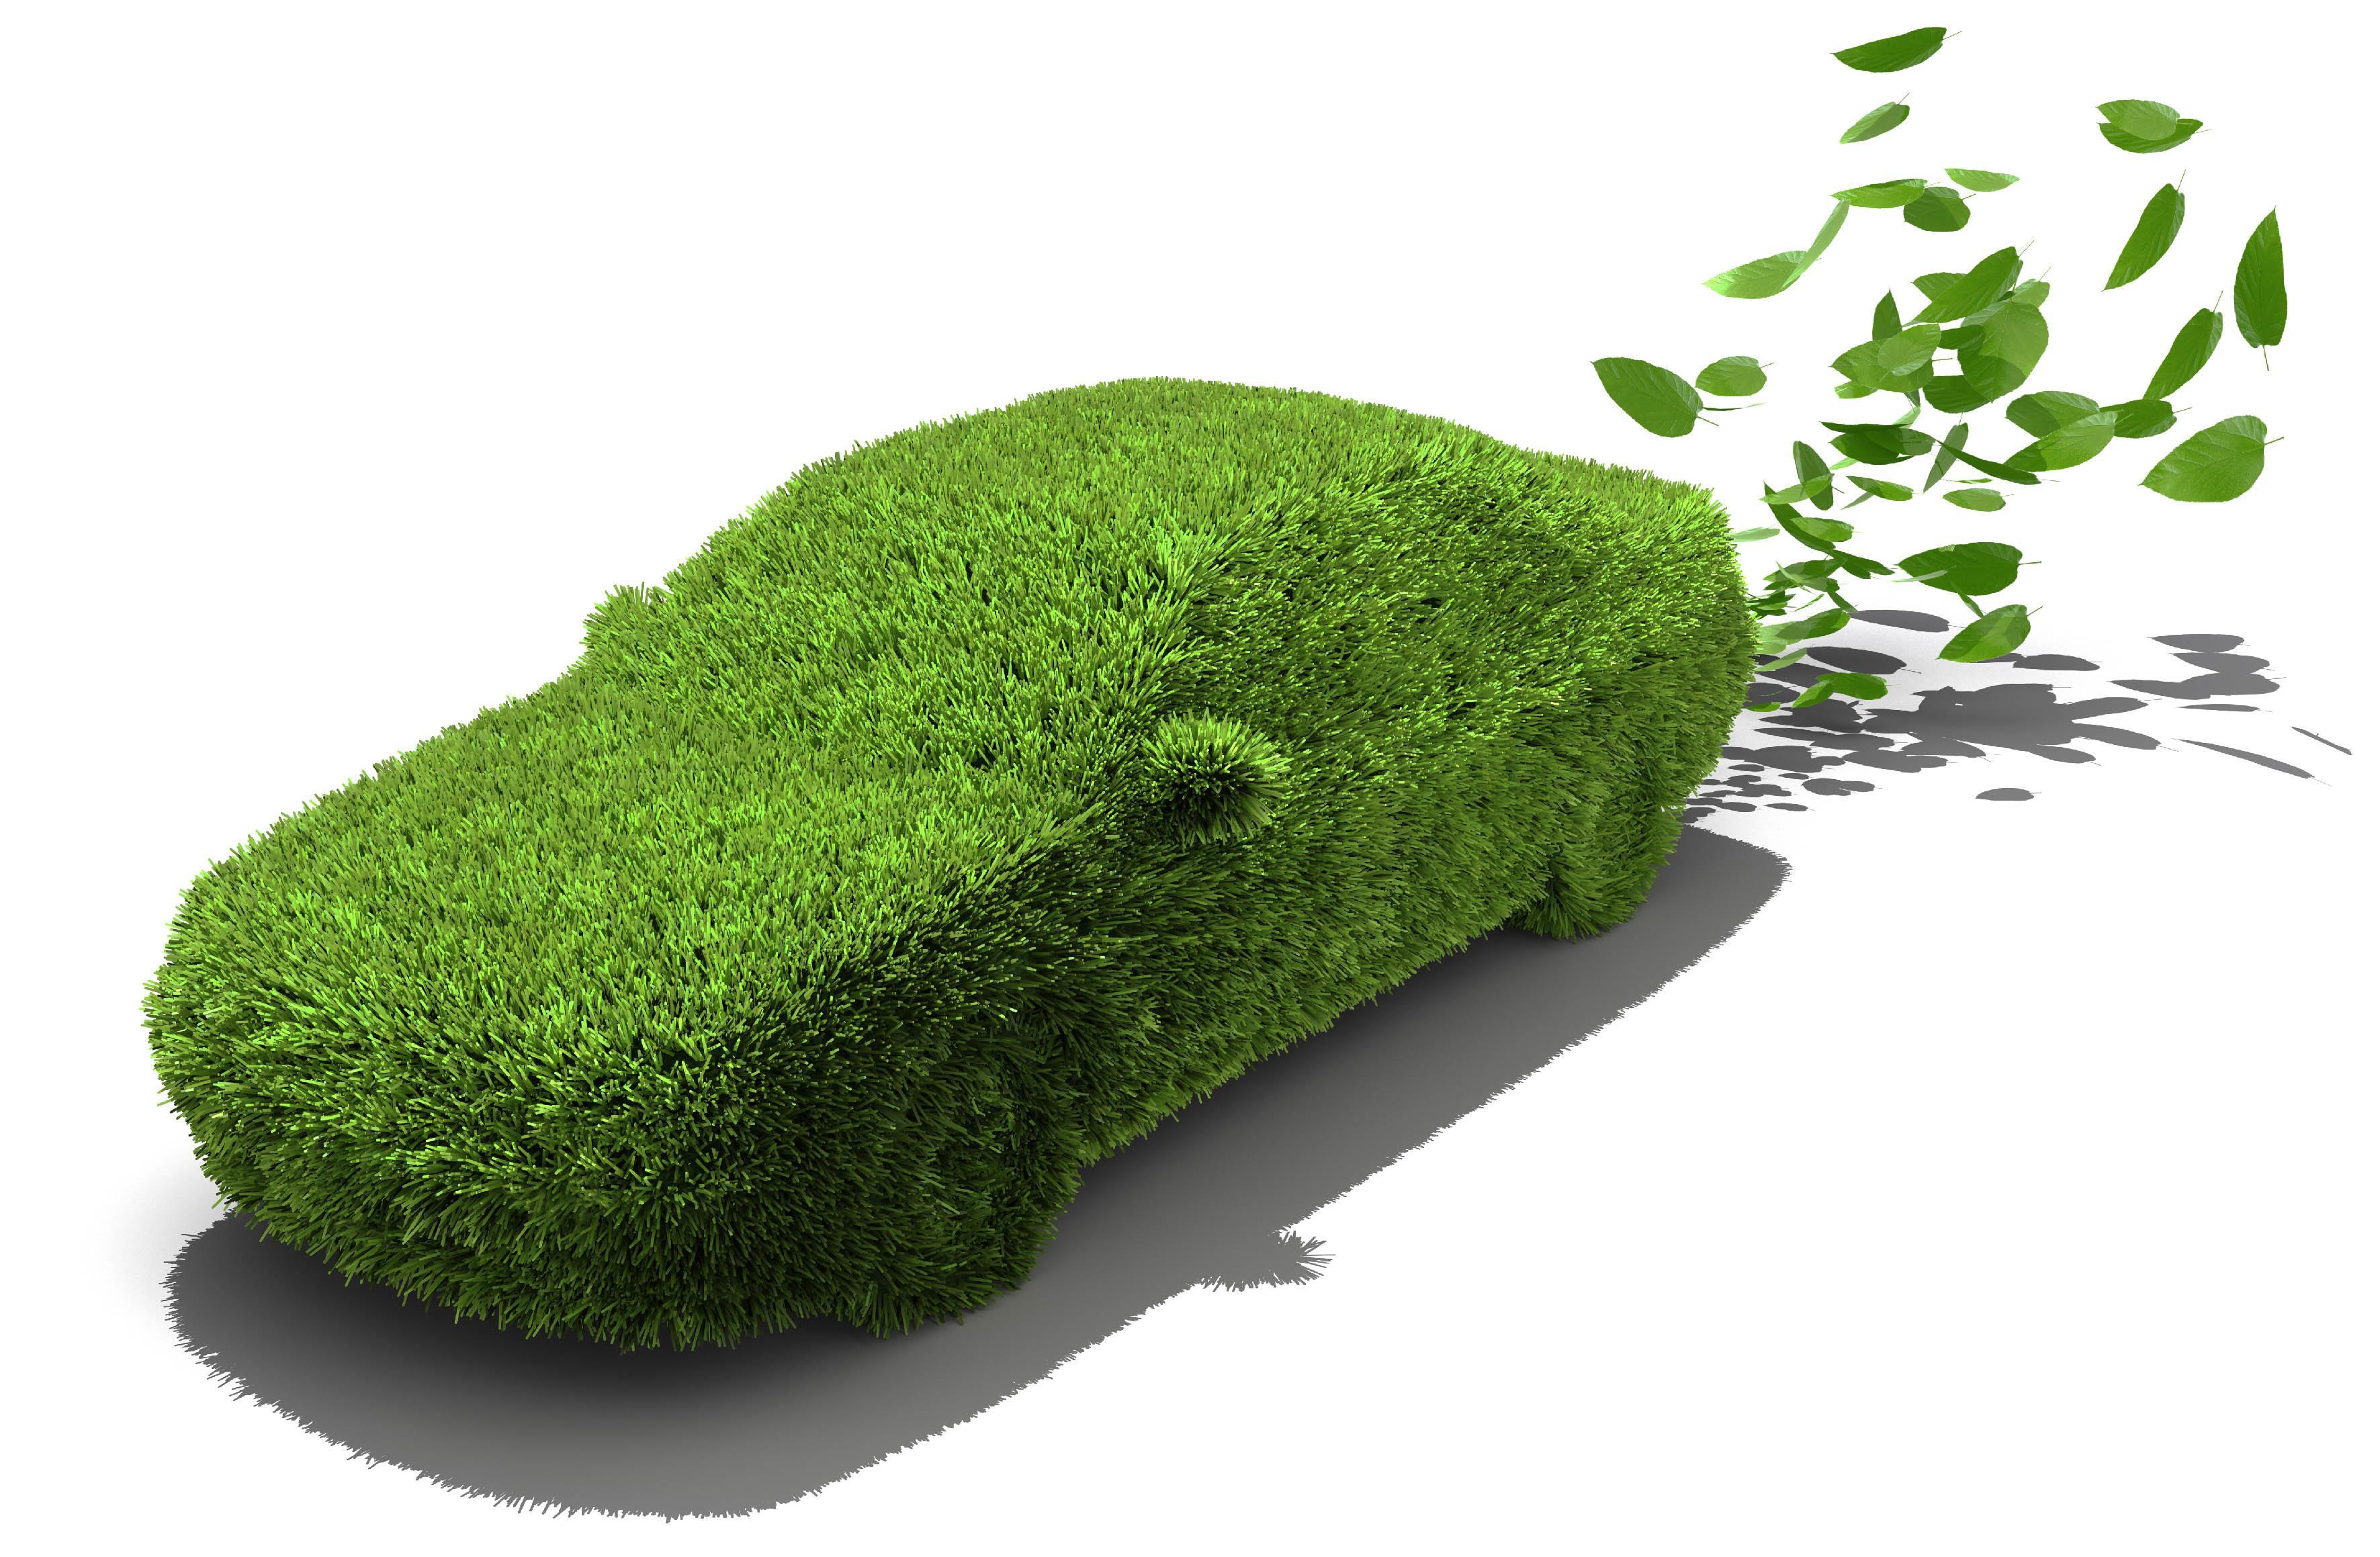 中国拟留新能源汽车地方补贴 不超中央补贴50%